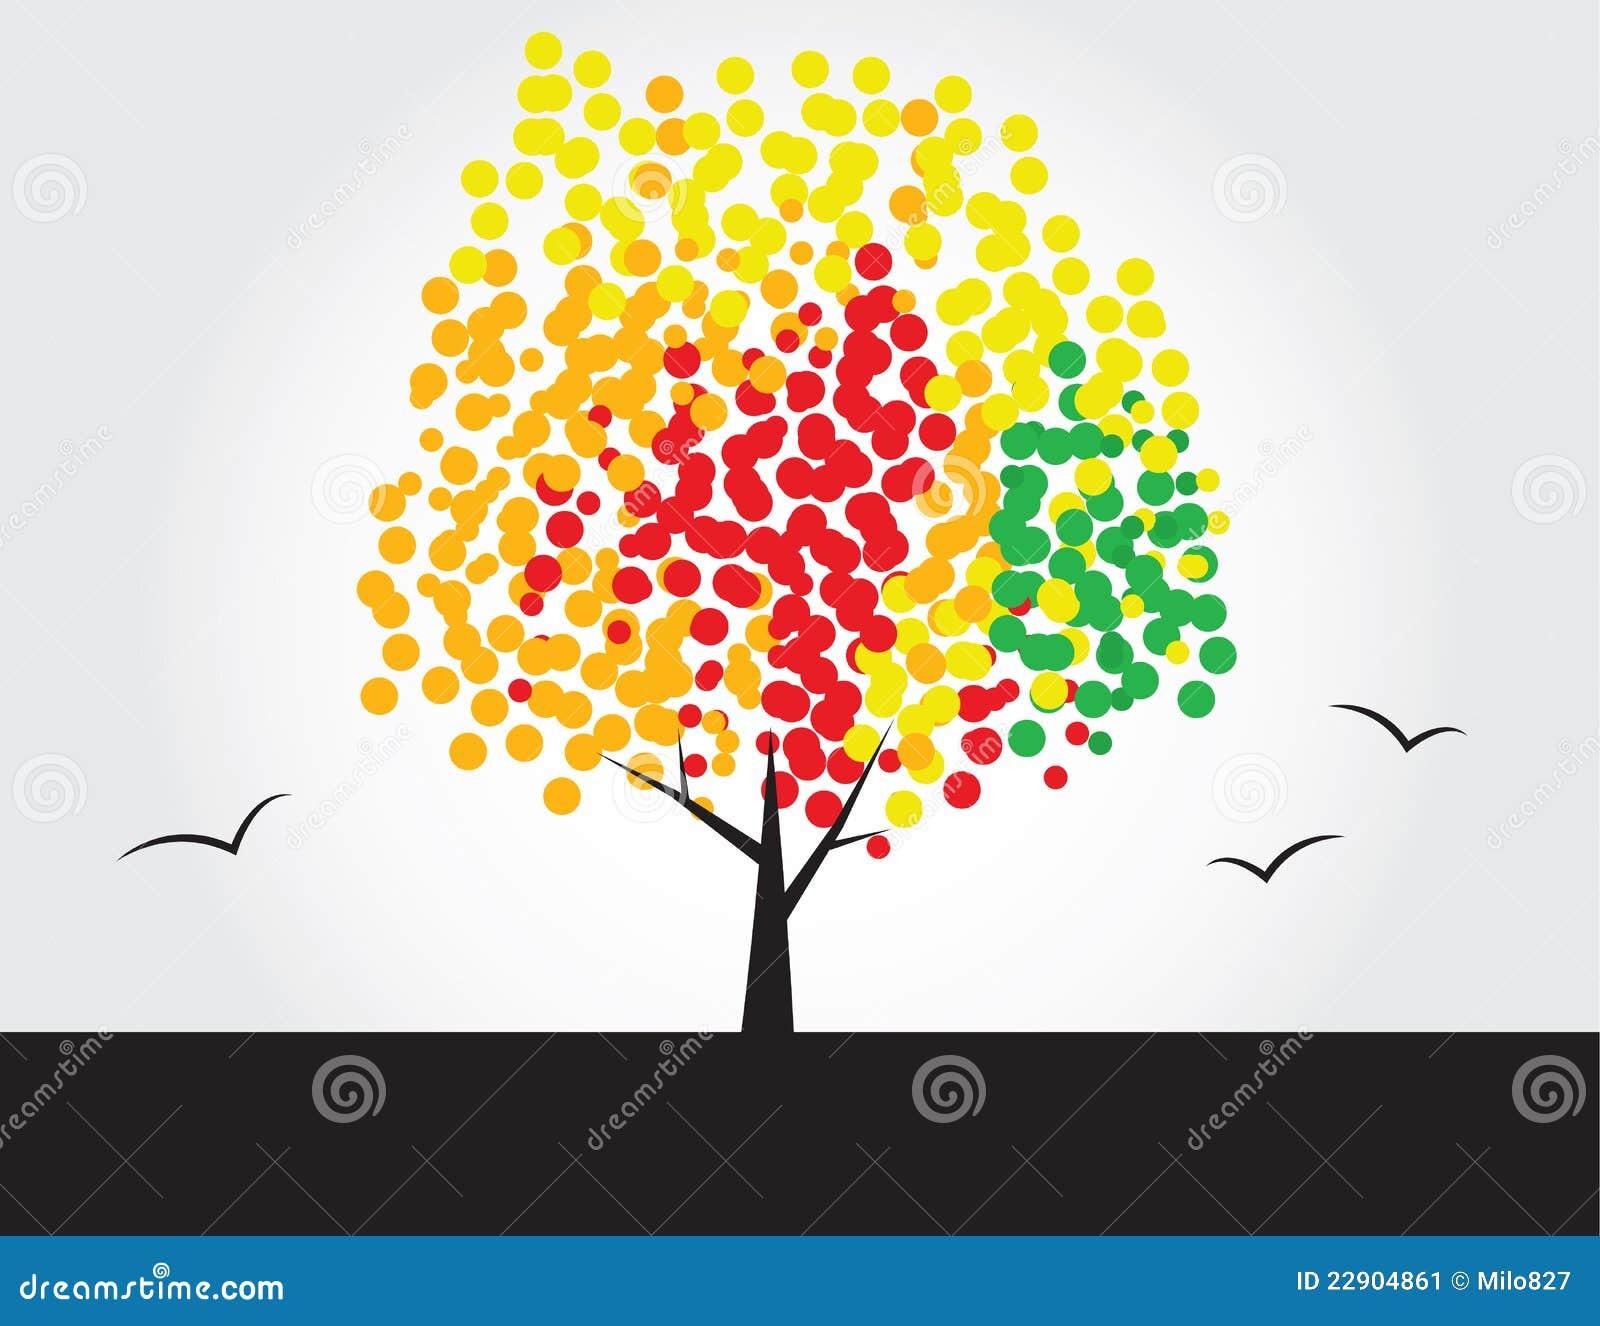 Multicolored boom